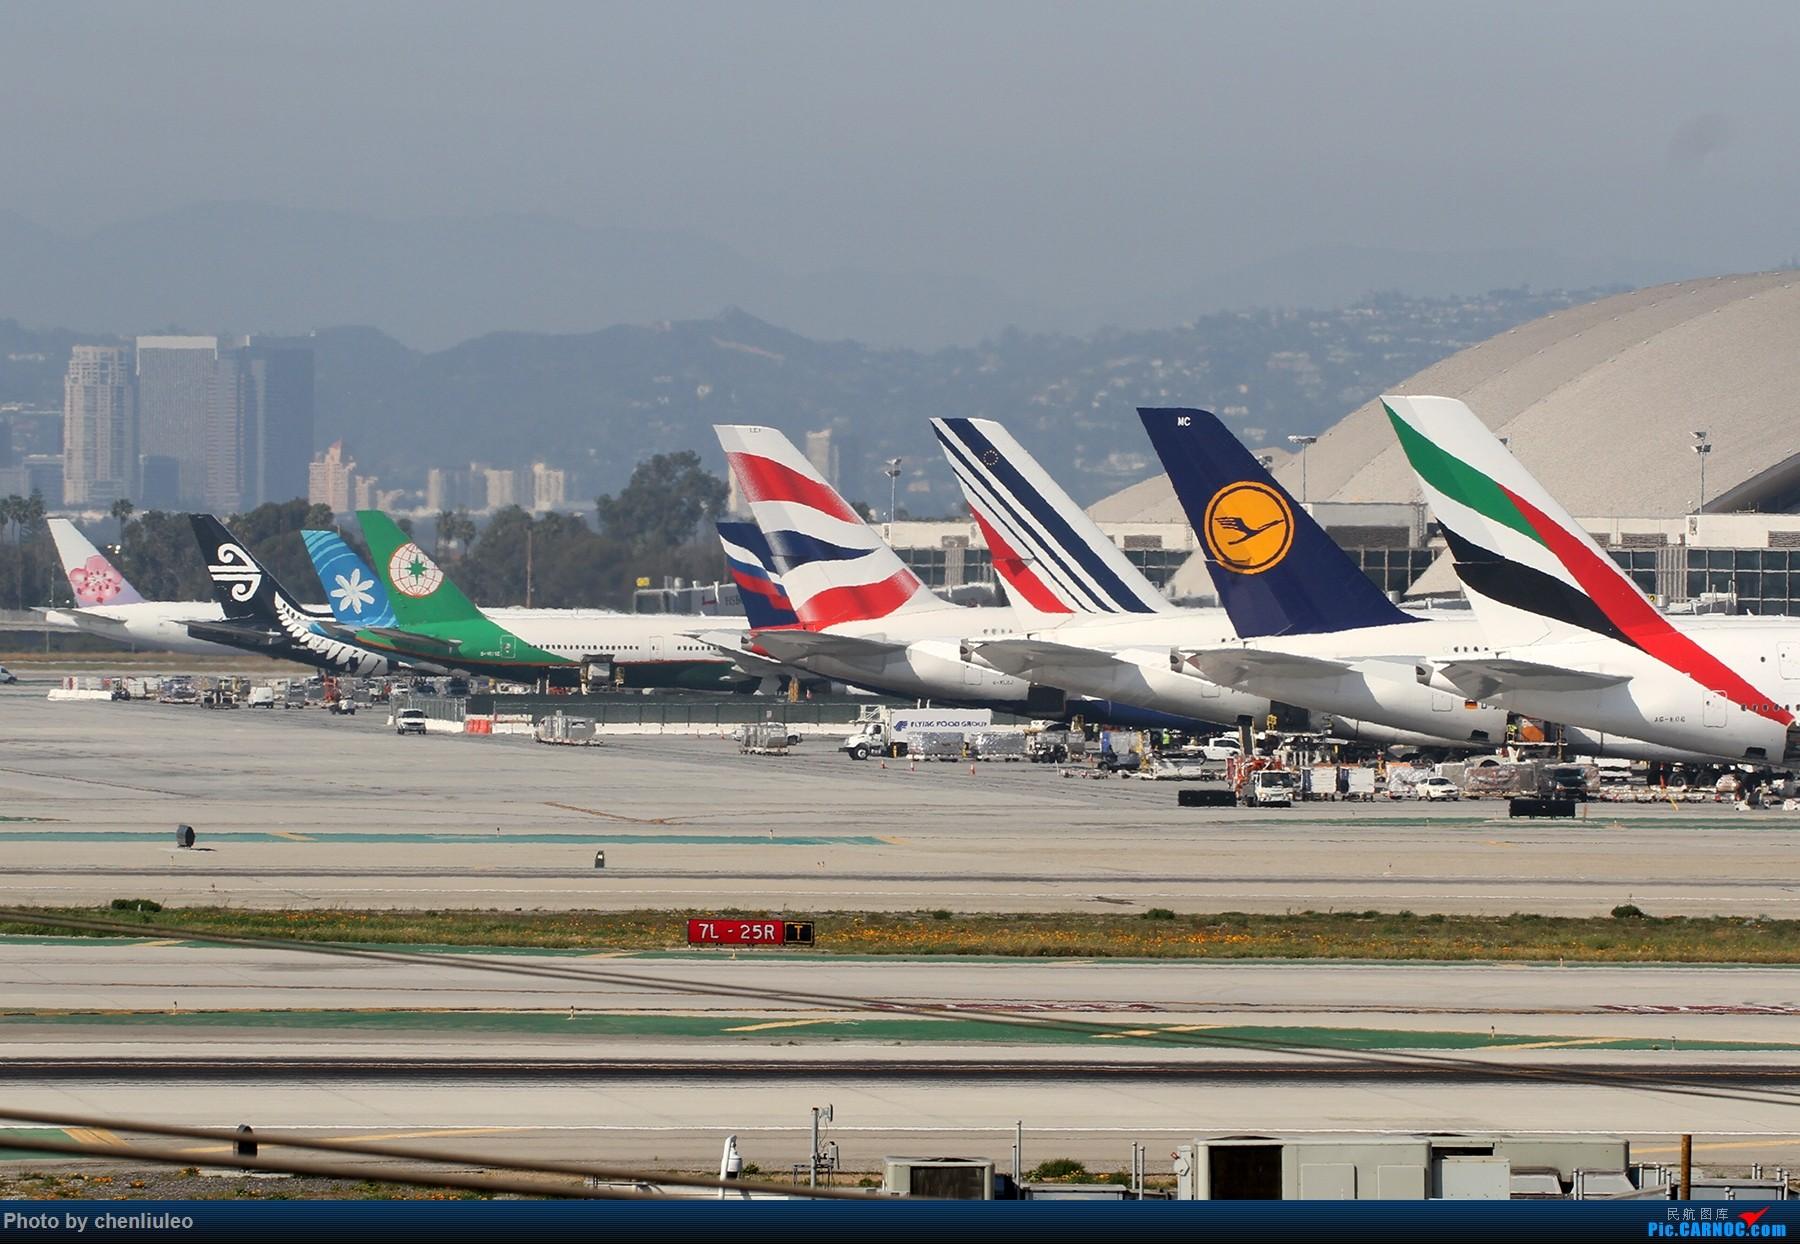 Re:[原创]【北美飞友会】全日空星球大战BB-8黄昏中降落LAX 以及一些杂图 BOEING 737-800 N8683D 美国洛杉矶机场 美国洛杉矶机场